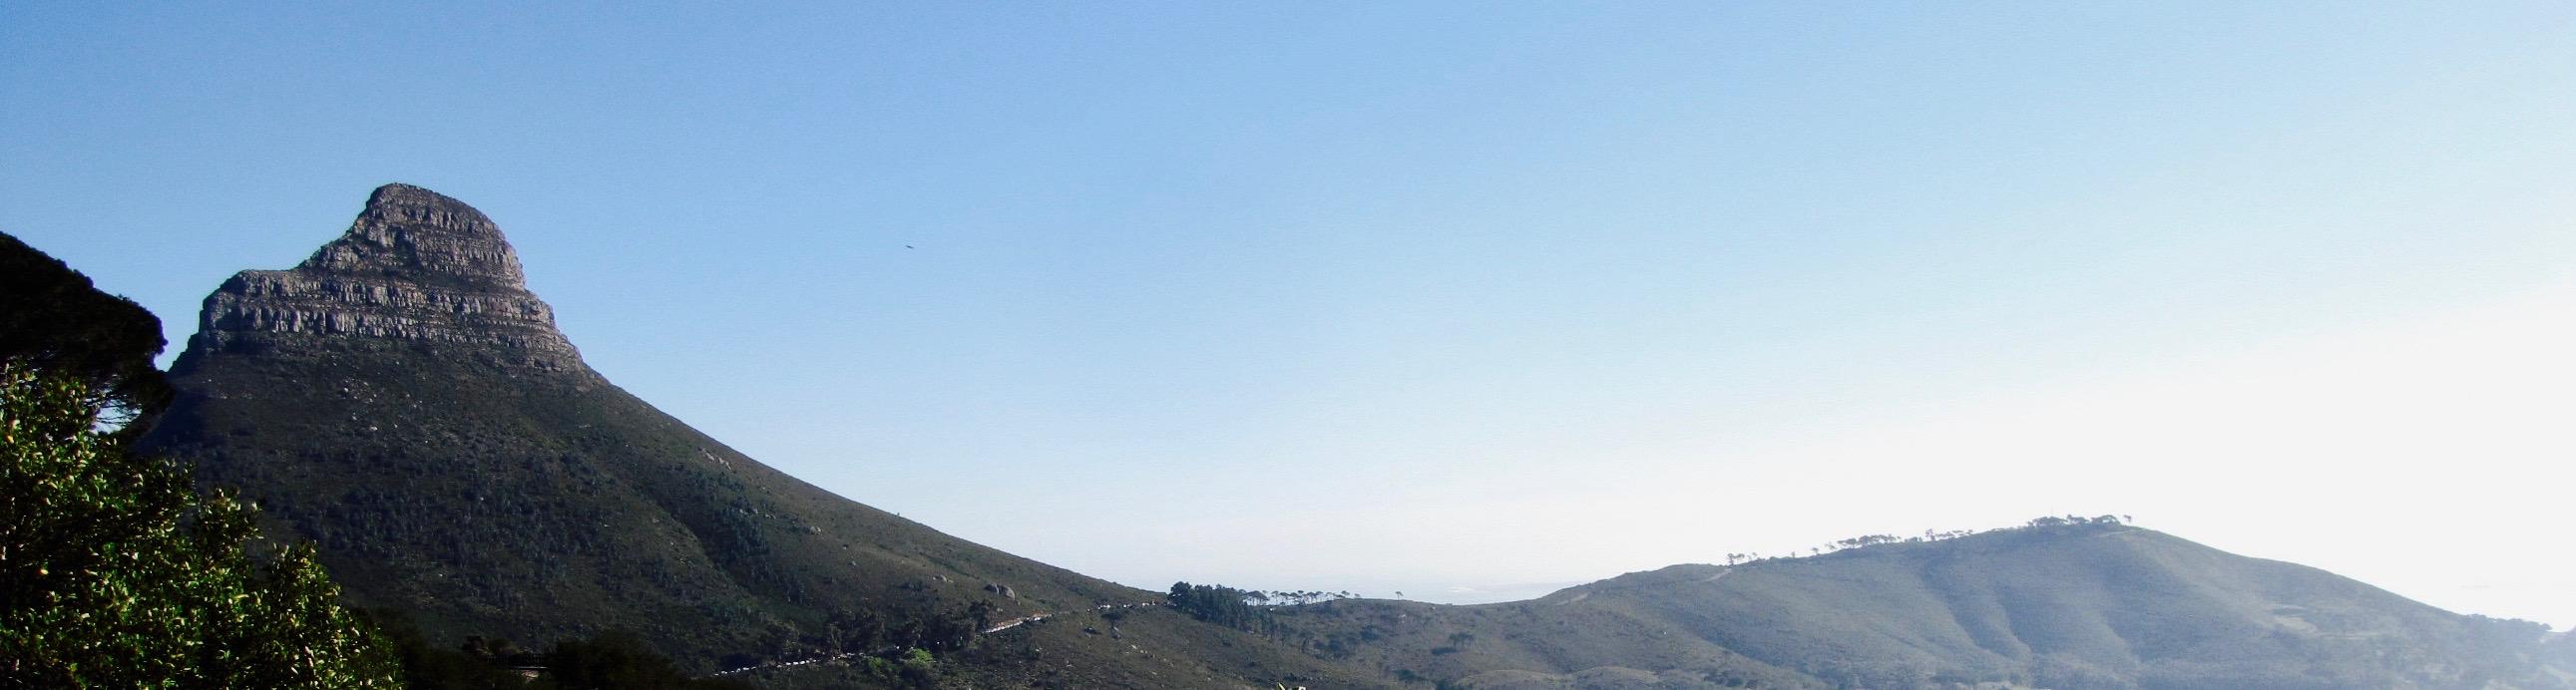 Climbing Table Mountain - 1 of 32 (19)